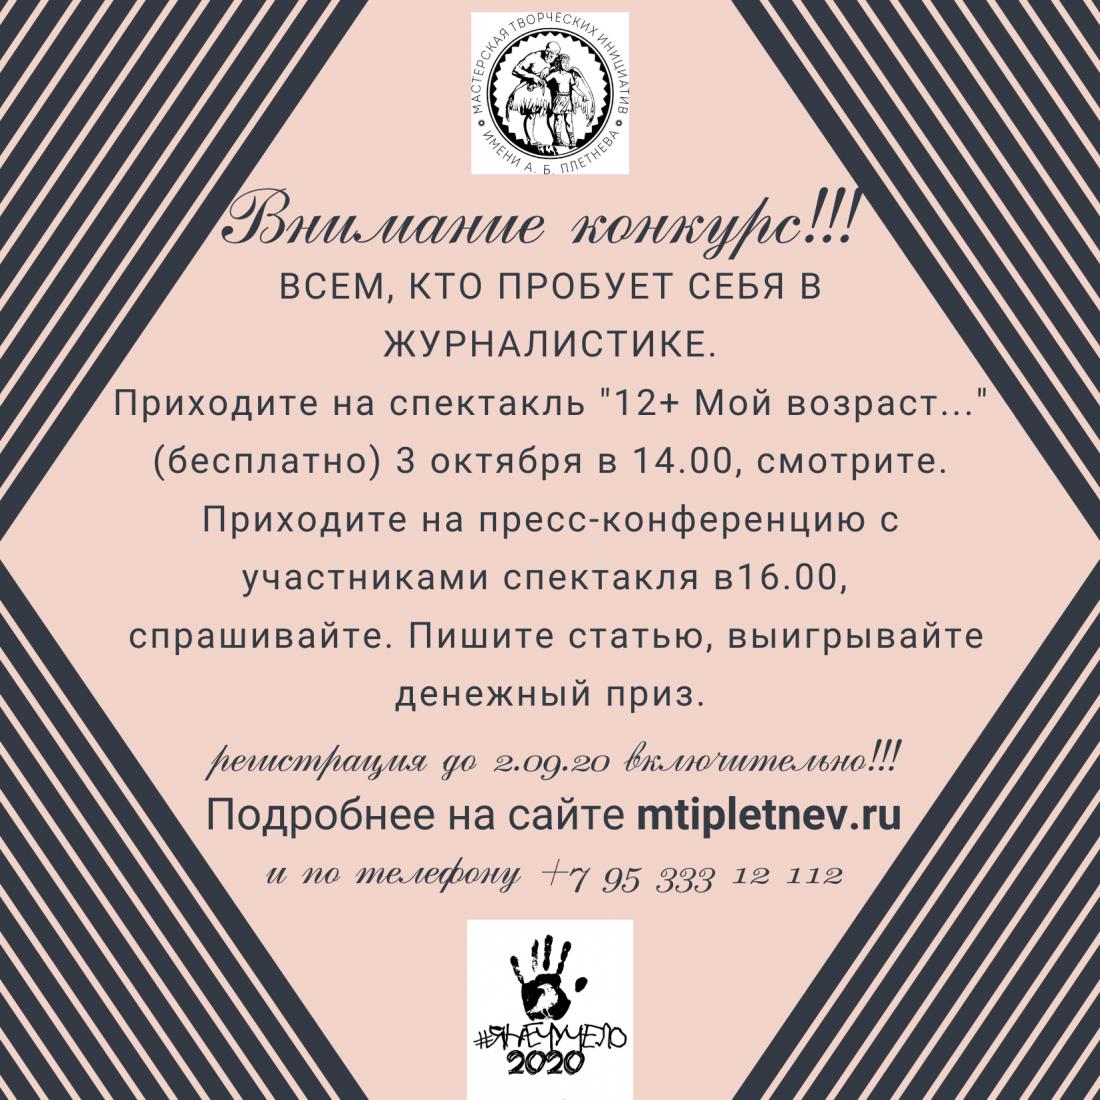 Конкурс Юных журналистов!!!